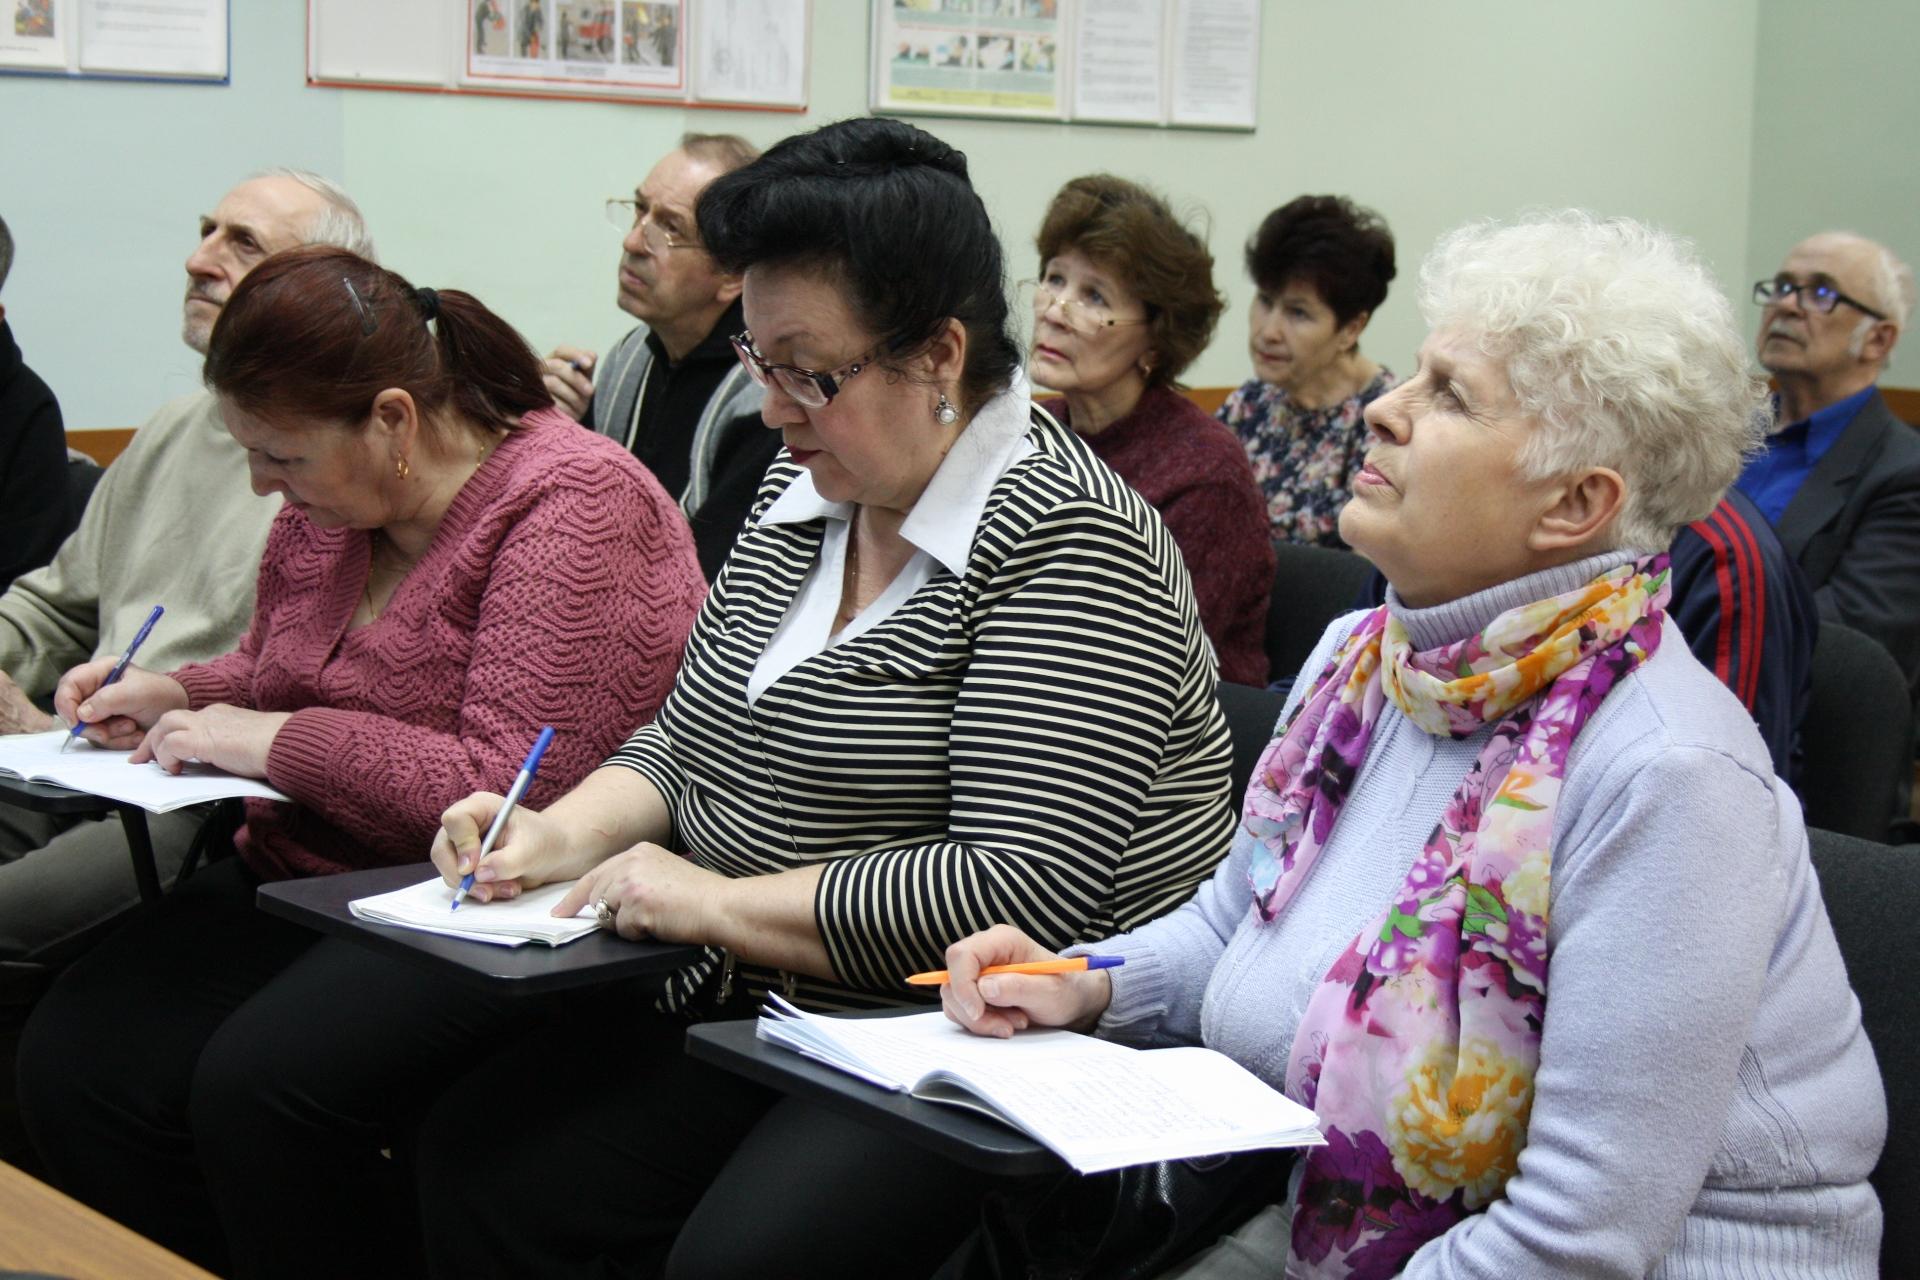 Бесплатные курсы для людей предпенсионного возраста как рассчитать свою будущую пенсию для ип